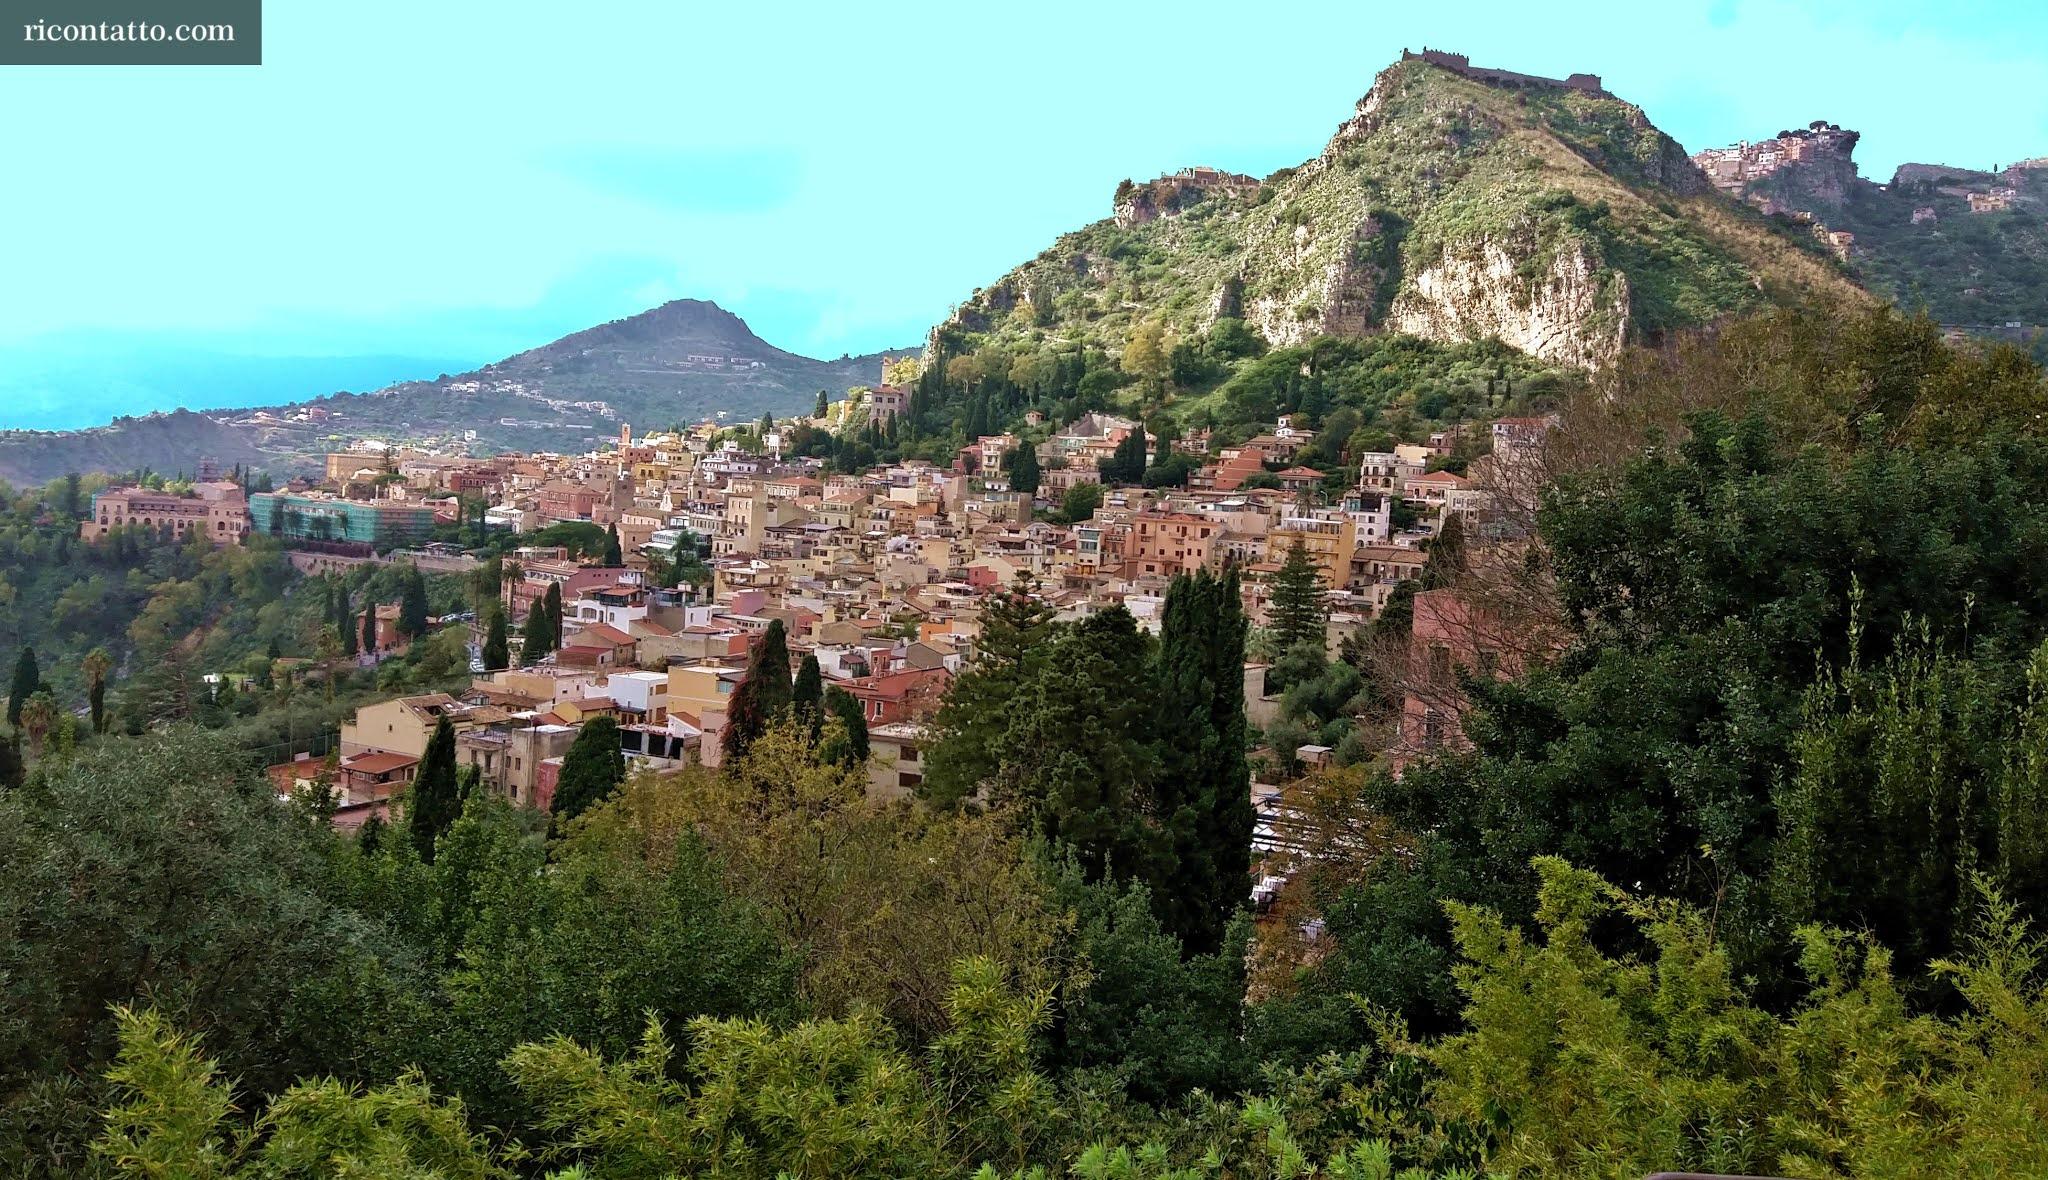 Taormina, Sicilia, Italy - Photo #01 by Ricontatto.com